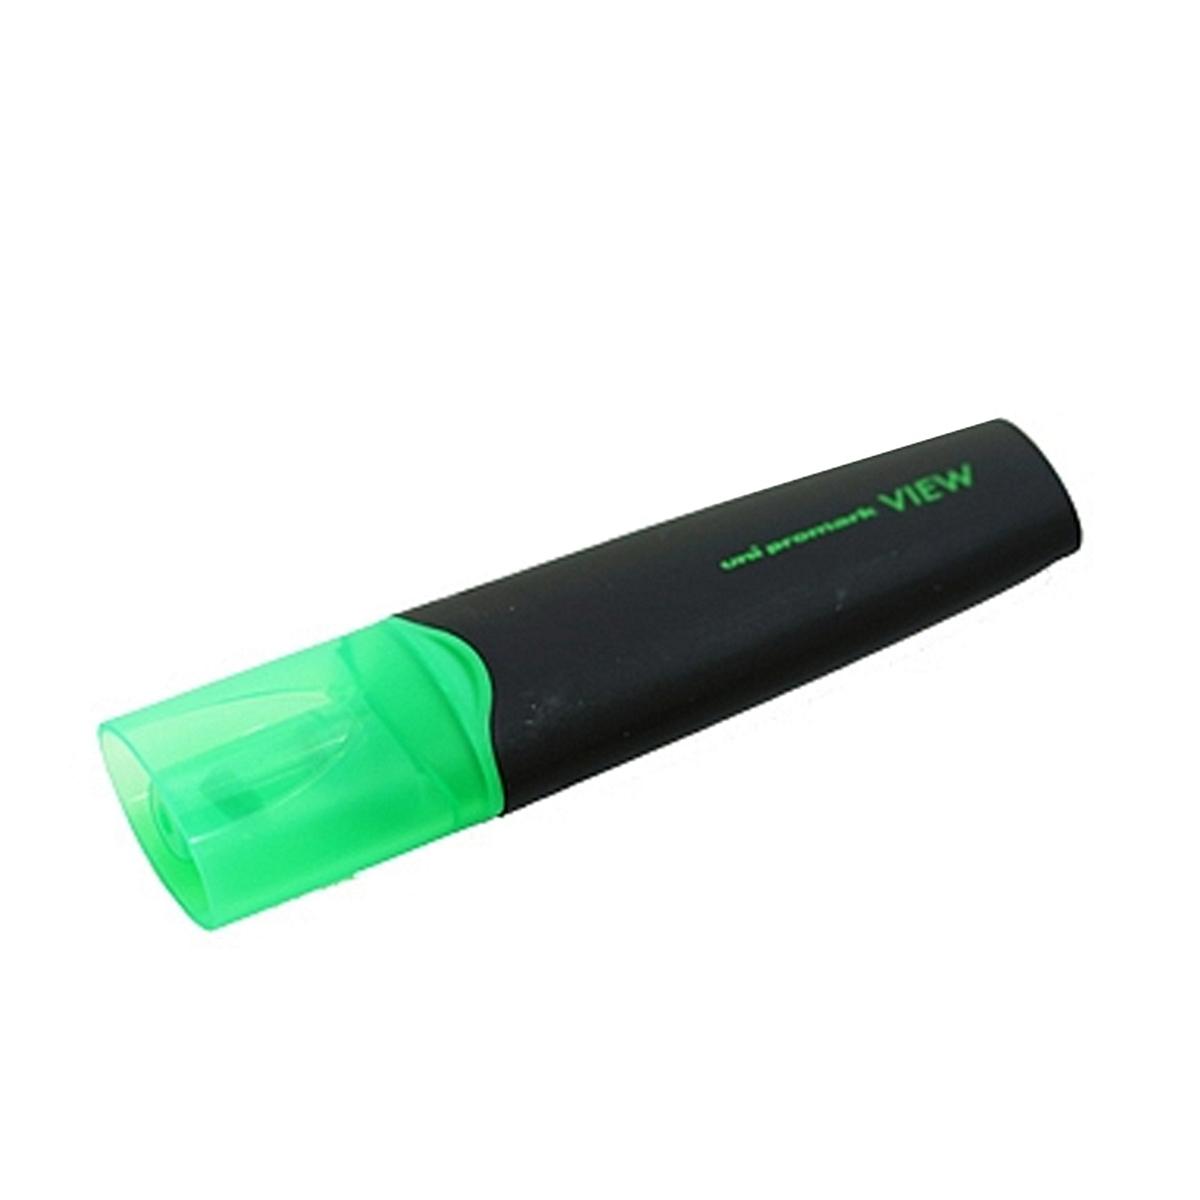 三菱 USP-200 4.0mm荧光笔 12支/盒(单位:支) 黄色